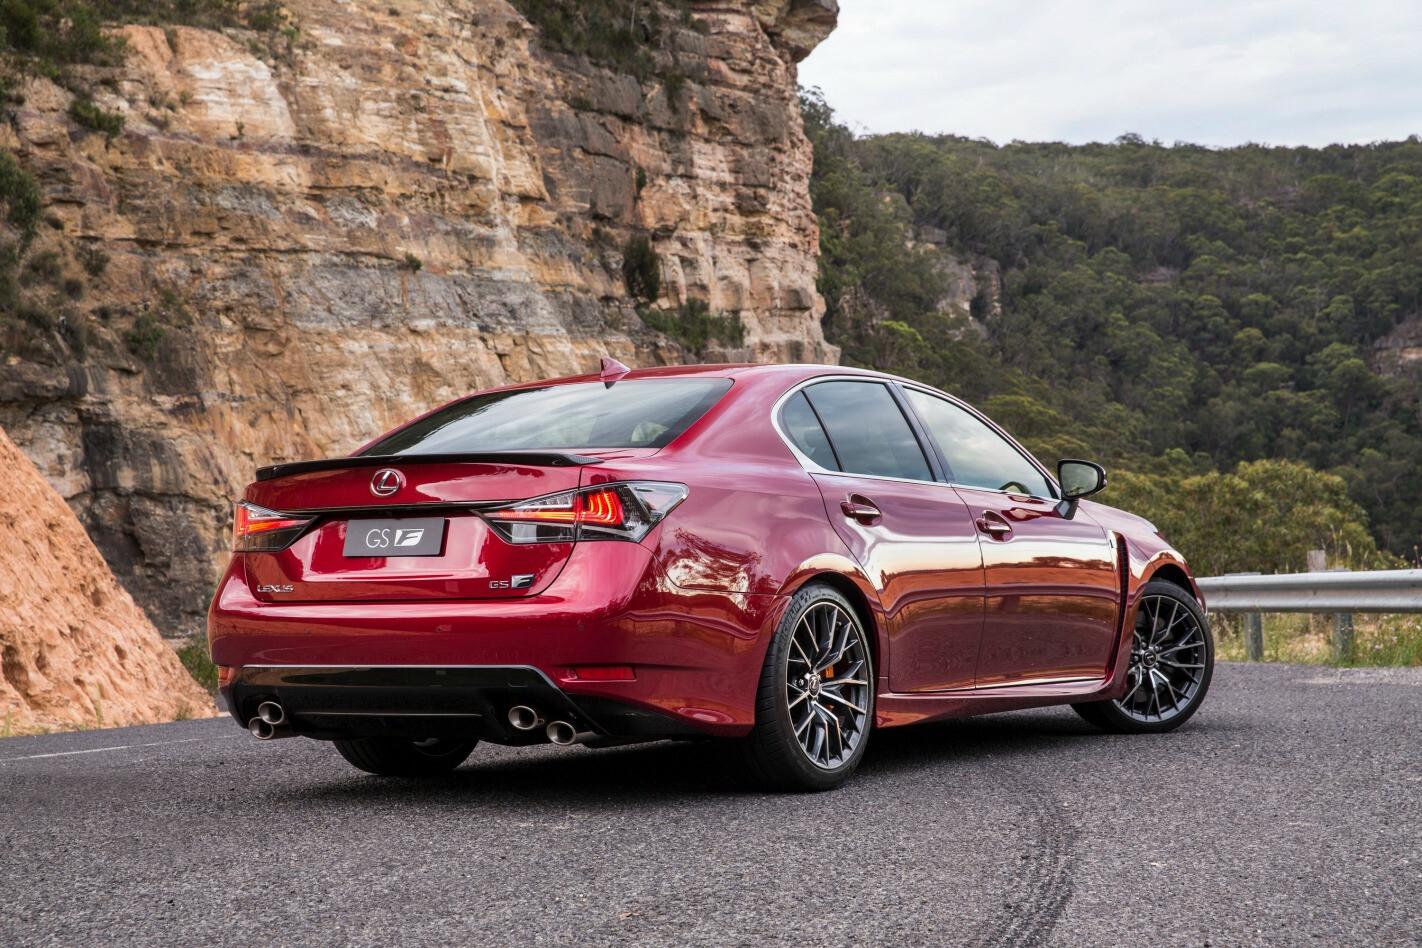 Lexus GS F Rear